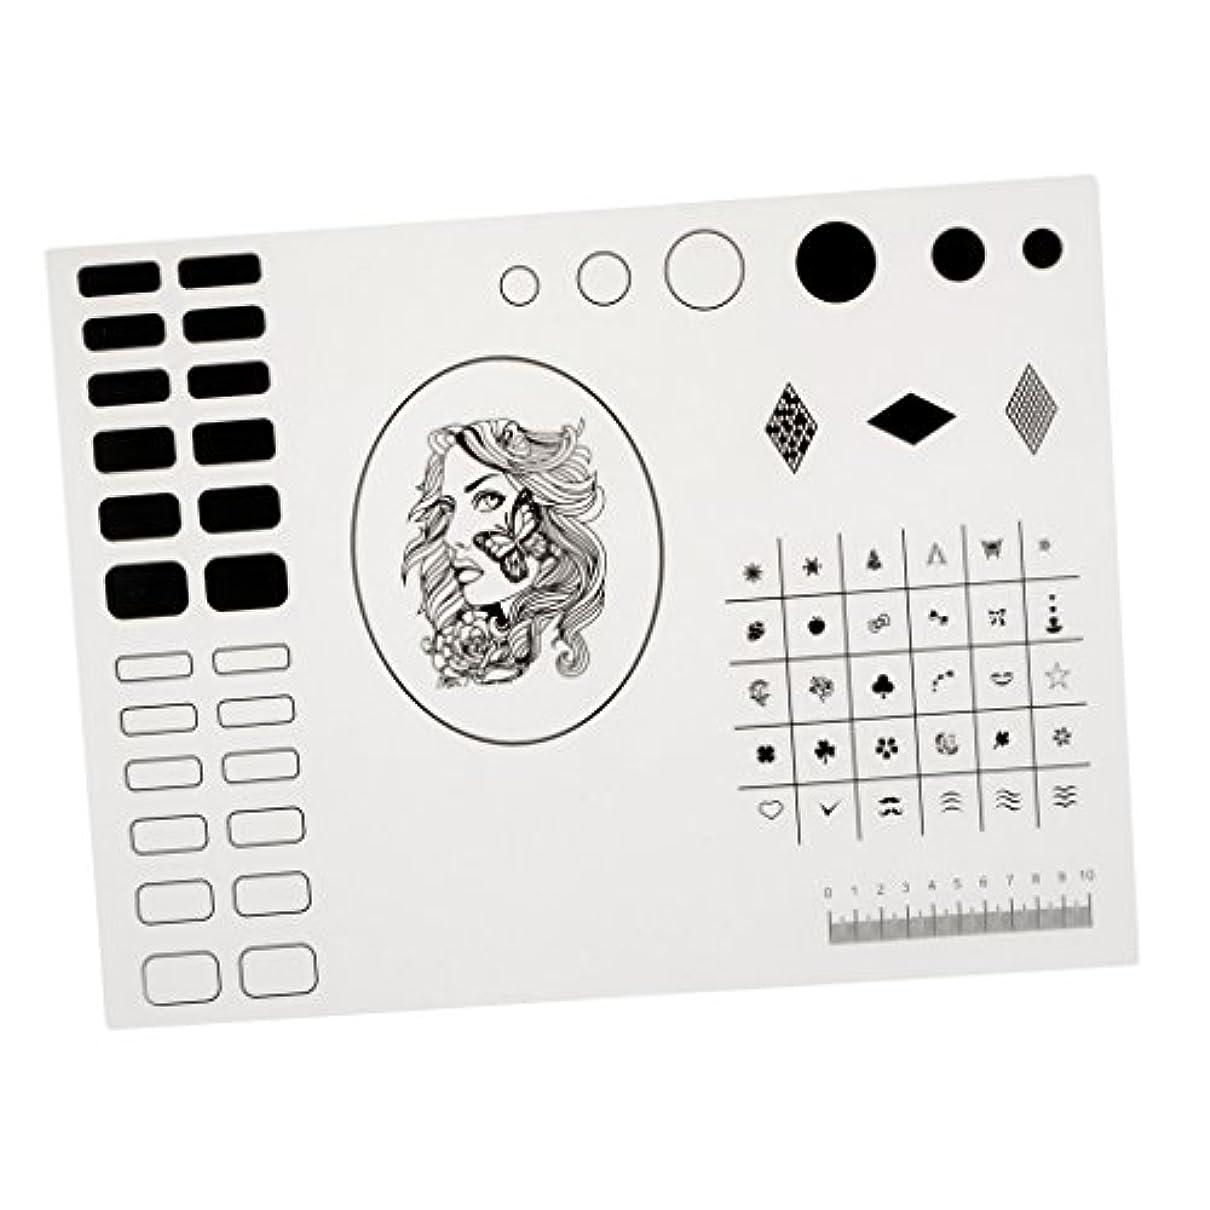 準備した例外テントKesoto シリコーンスタンピングマット ネイルマット ネイルアートマット マニキュア ネイルステッカー 繰り返す可 初心者 40.5*30.5cm 2タイプ選べ - タイプ2